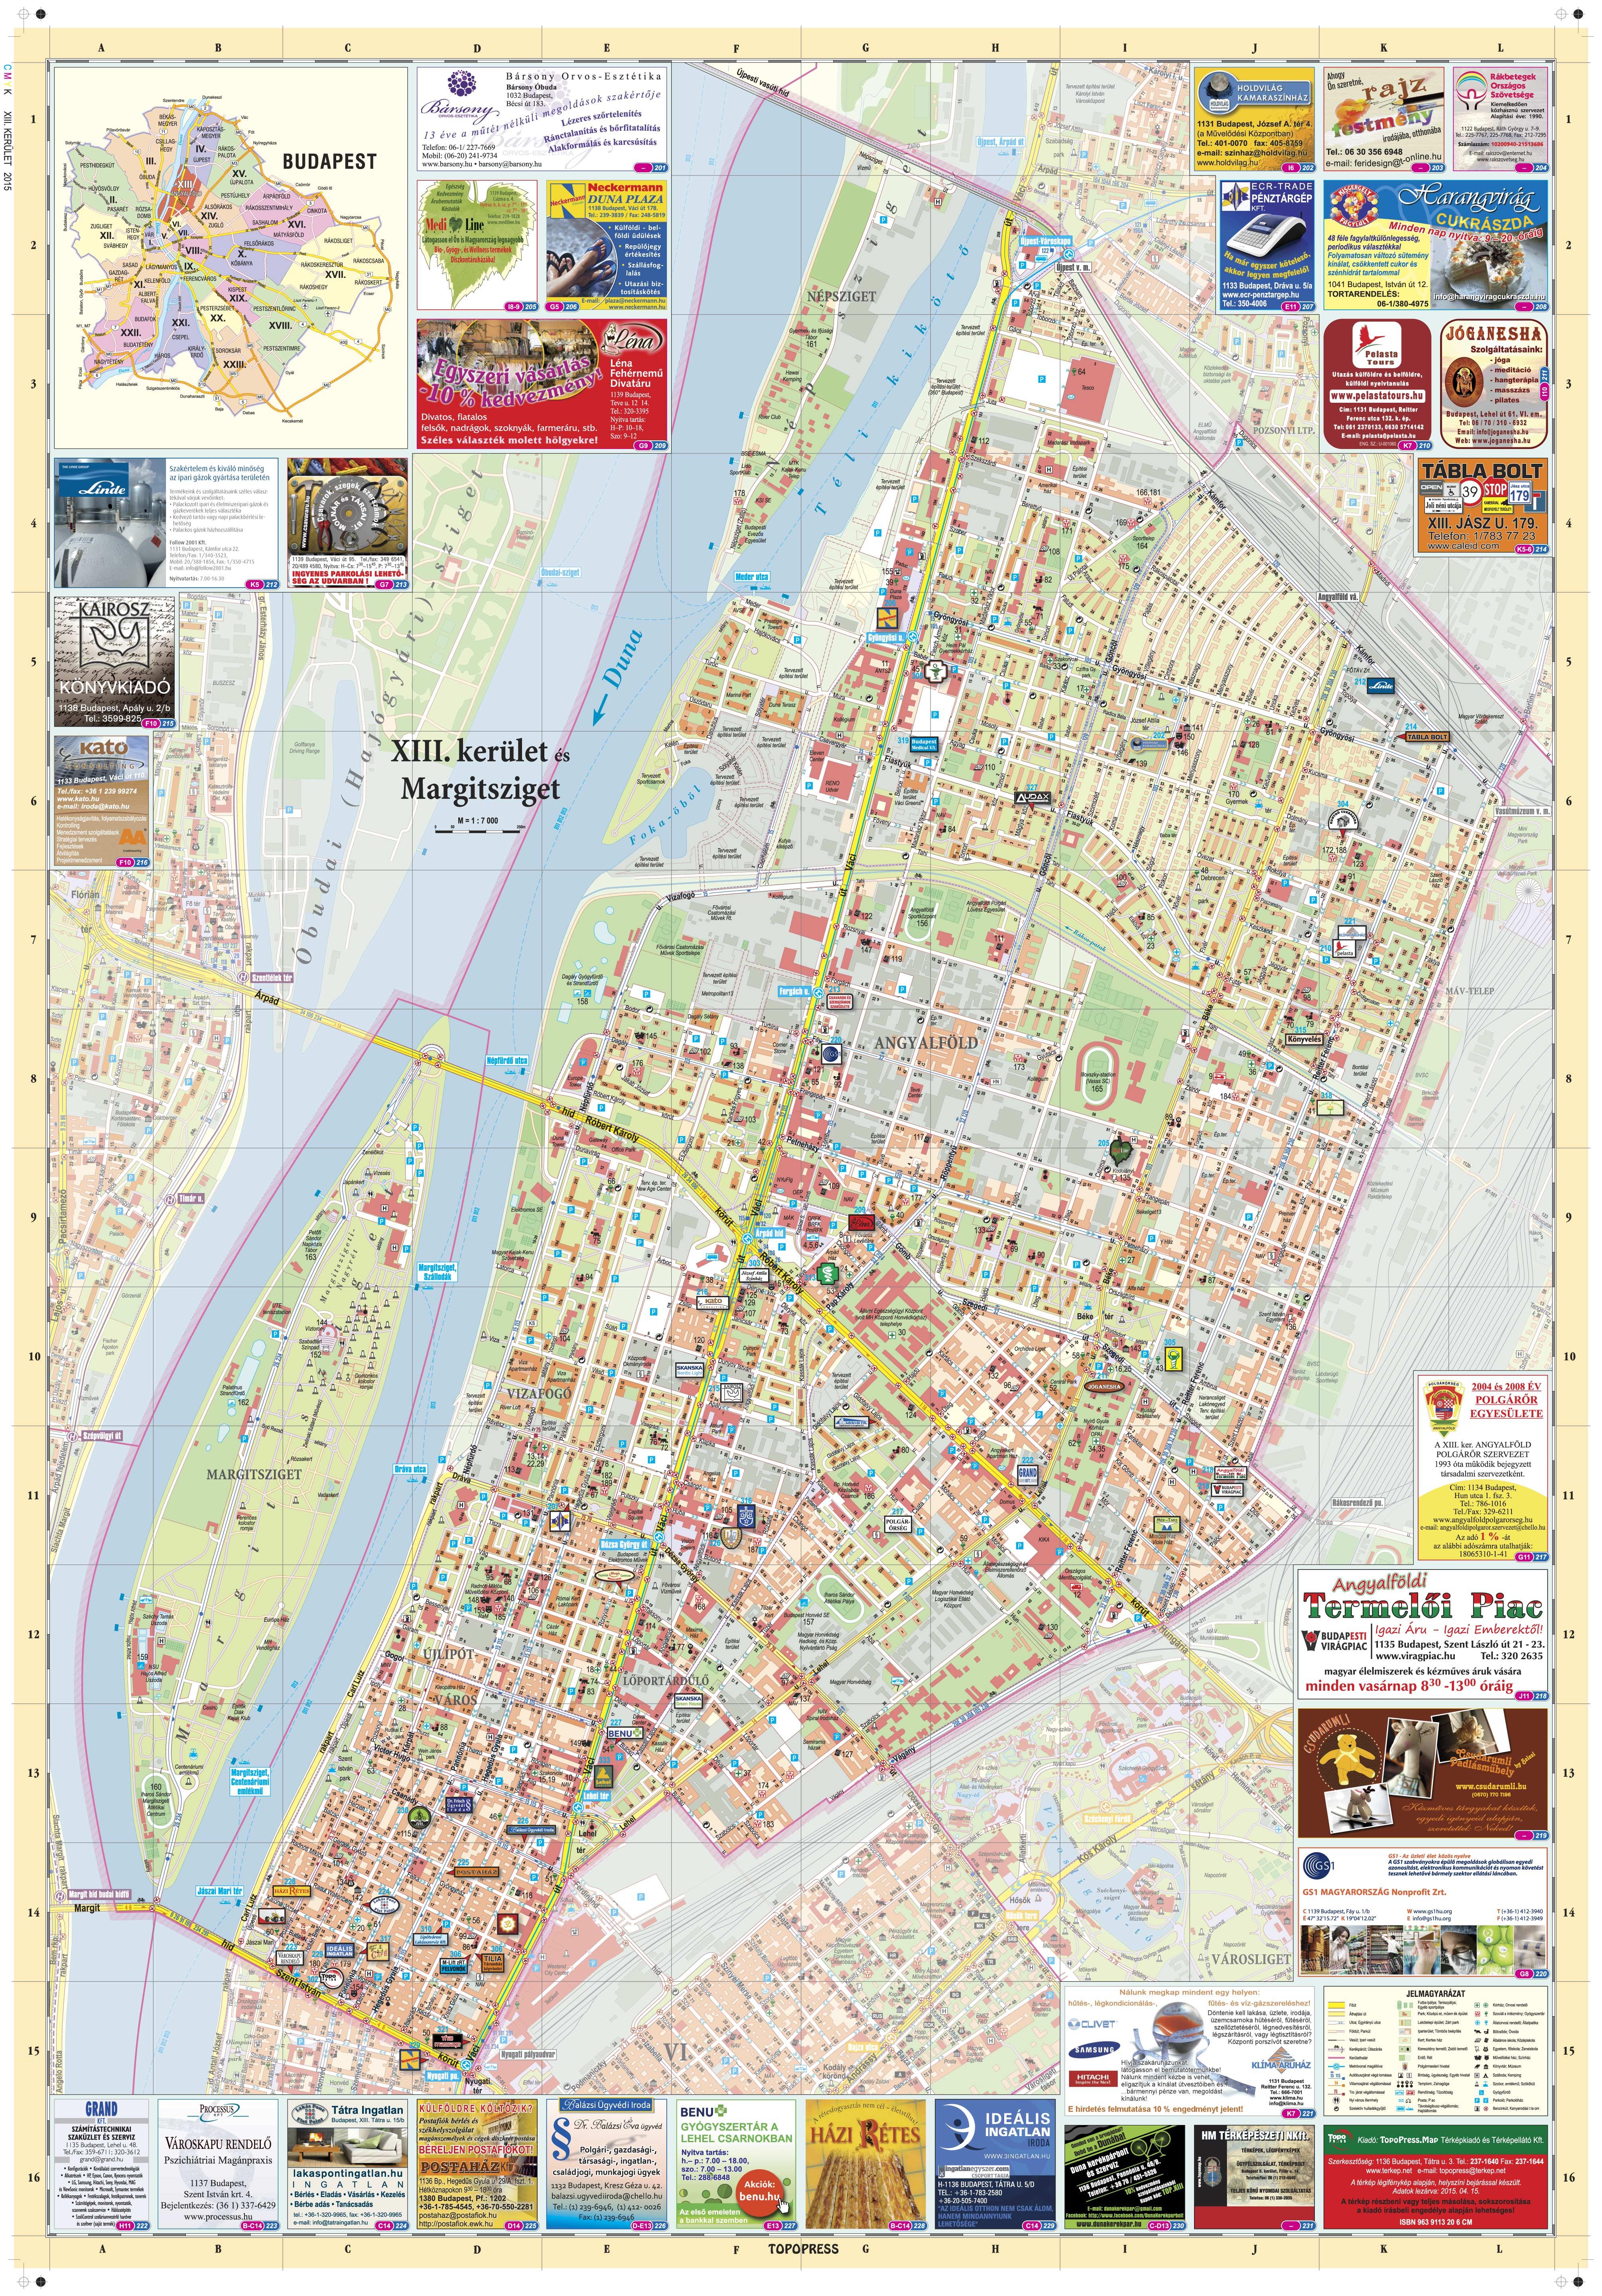 budapest 8 kerület térkép TÉRKÉP, várostérkép, kerülettérkép, horgásztérkép, cégkereső budapest 8 kerület térkép